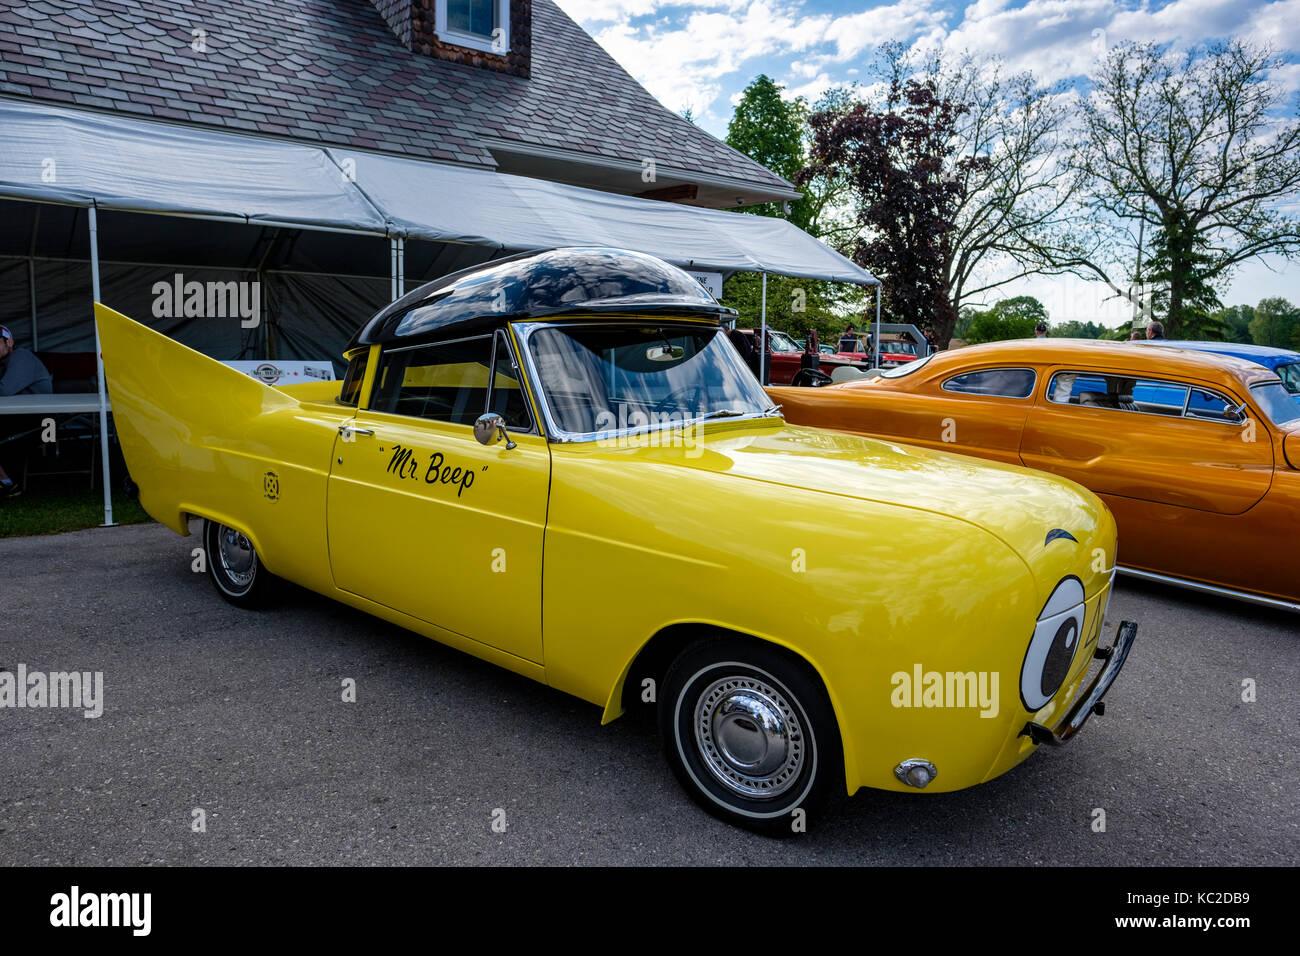 Custom Cars Stock Photos & Custom Cars Stock Images - Alamy